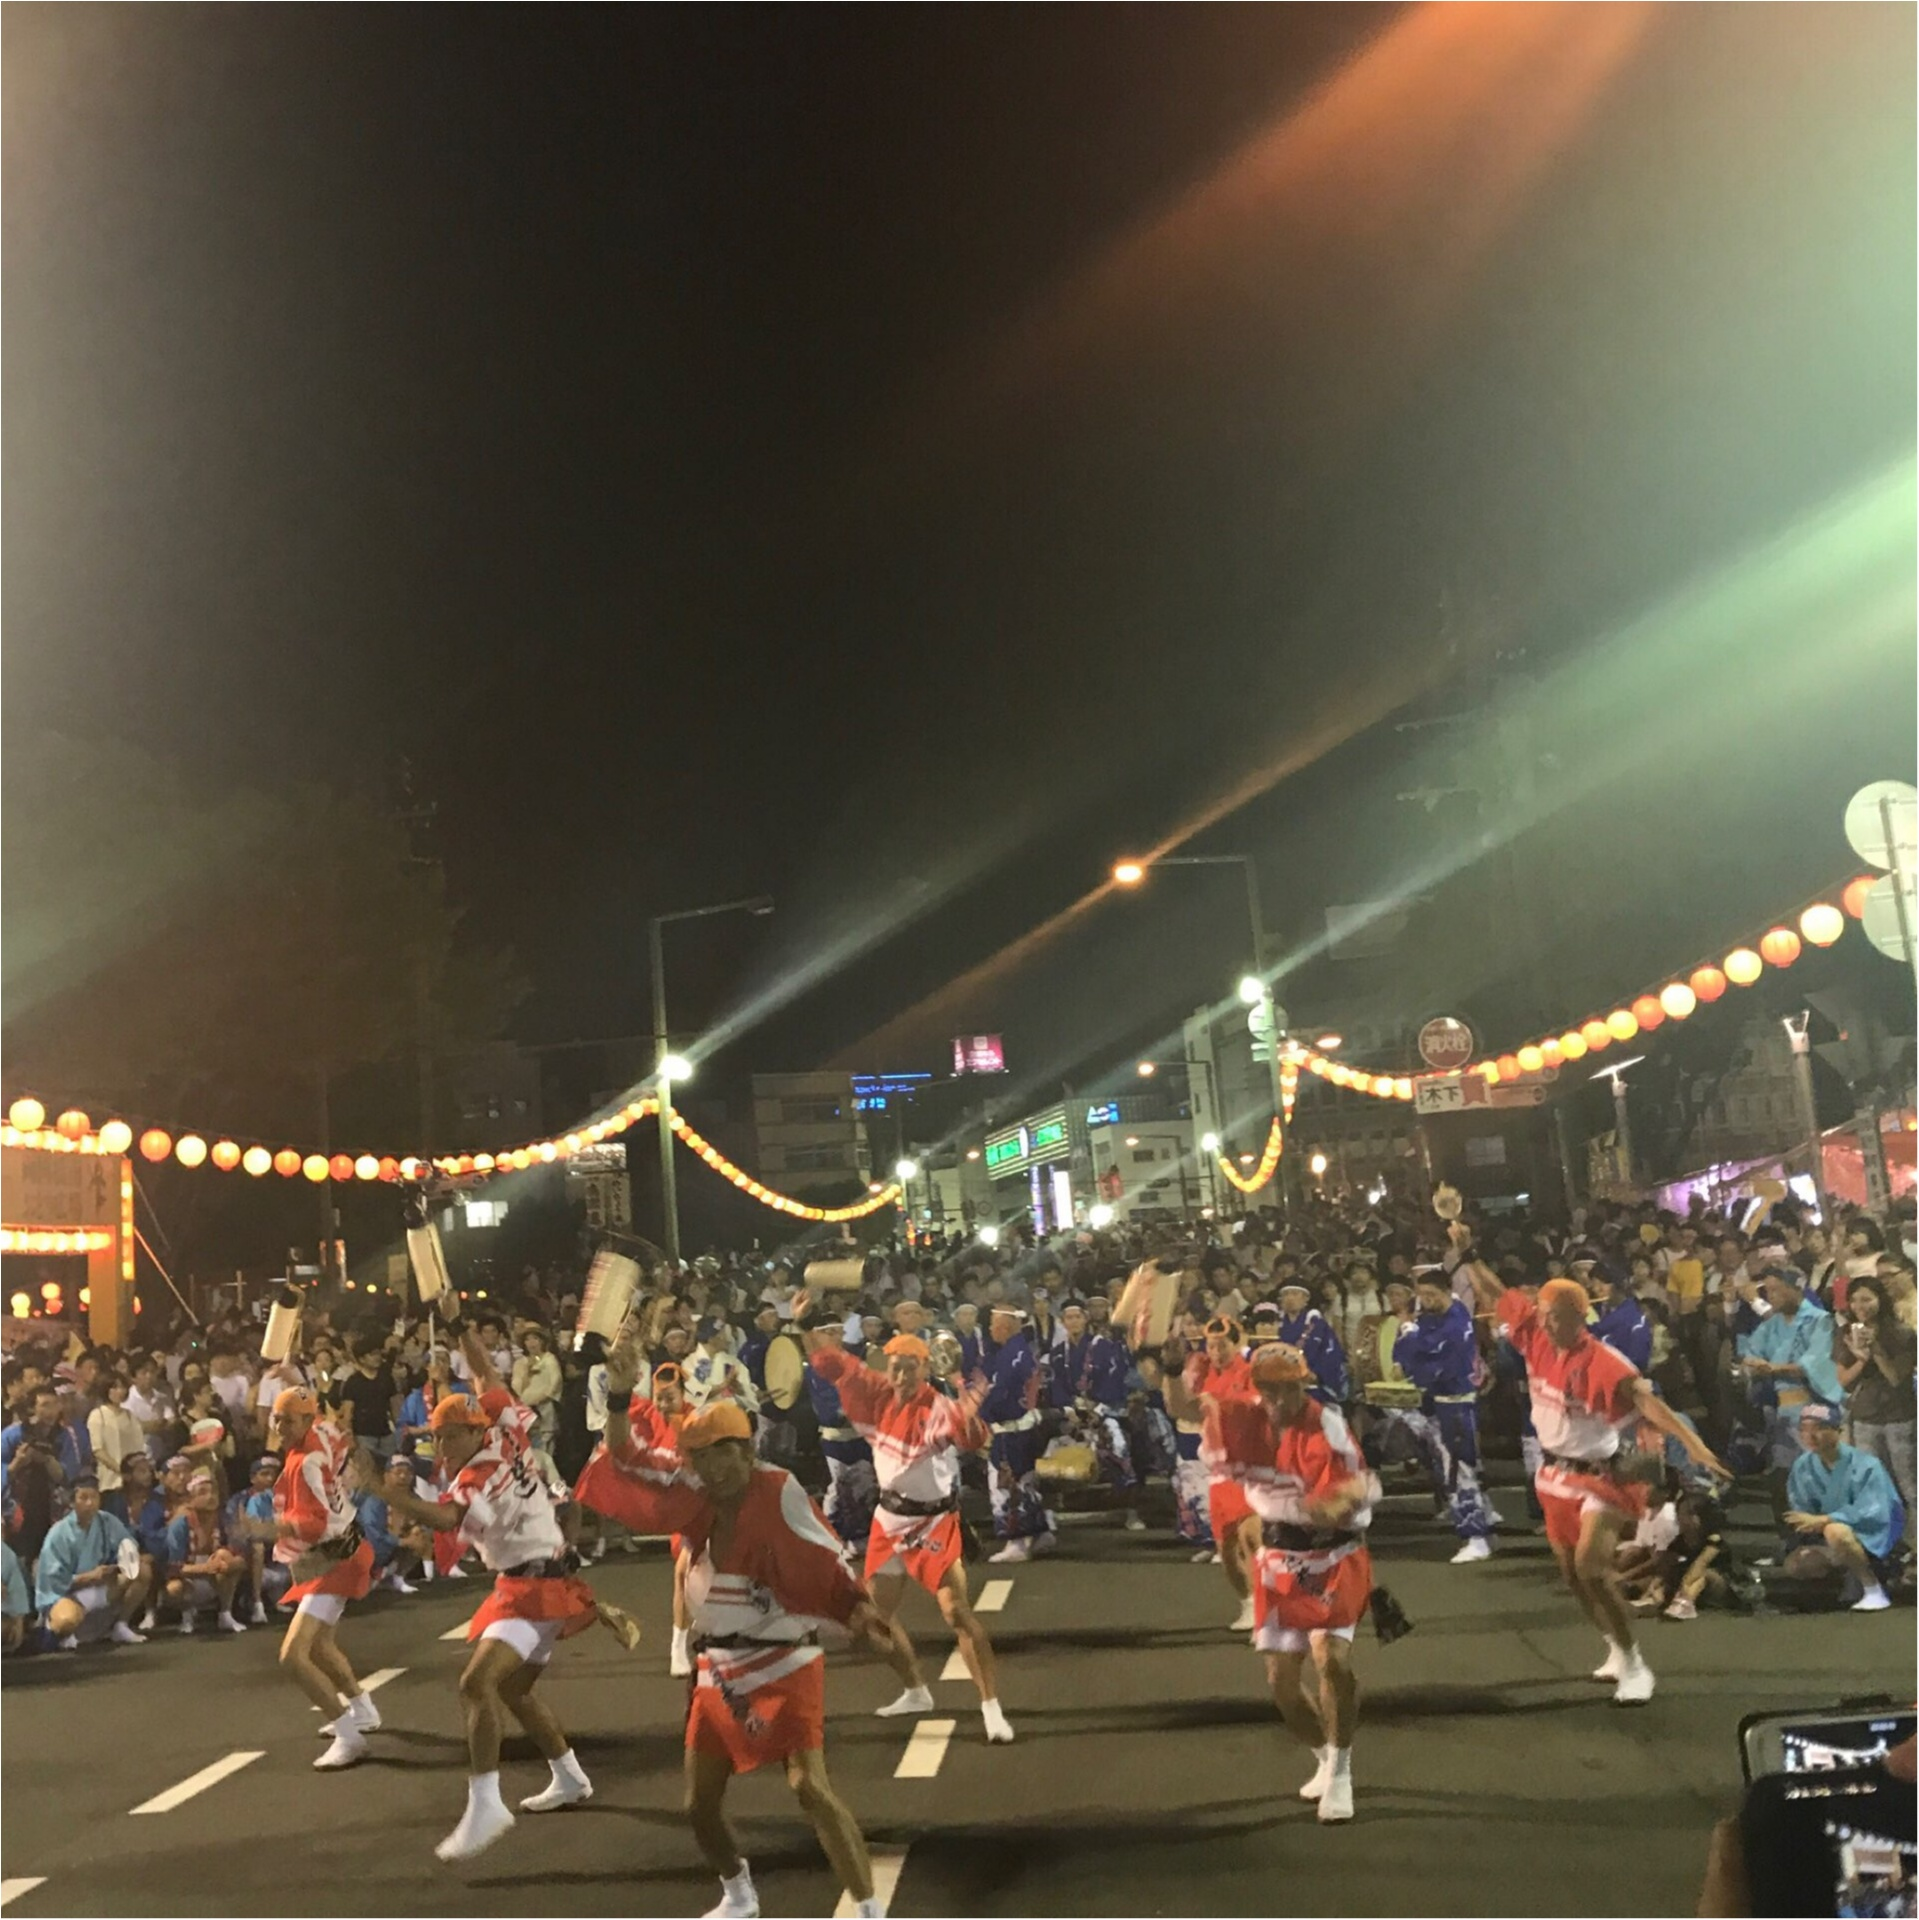 徳島の夏の風物詩!【阿波おどり】に行ってきました♡今年は総踊り復活!_7